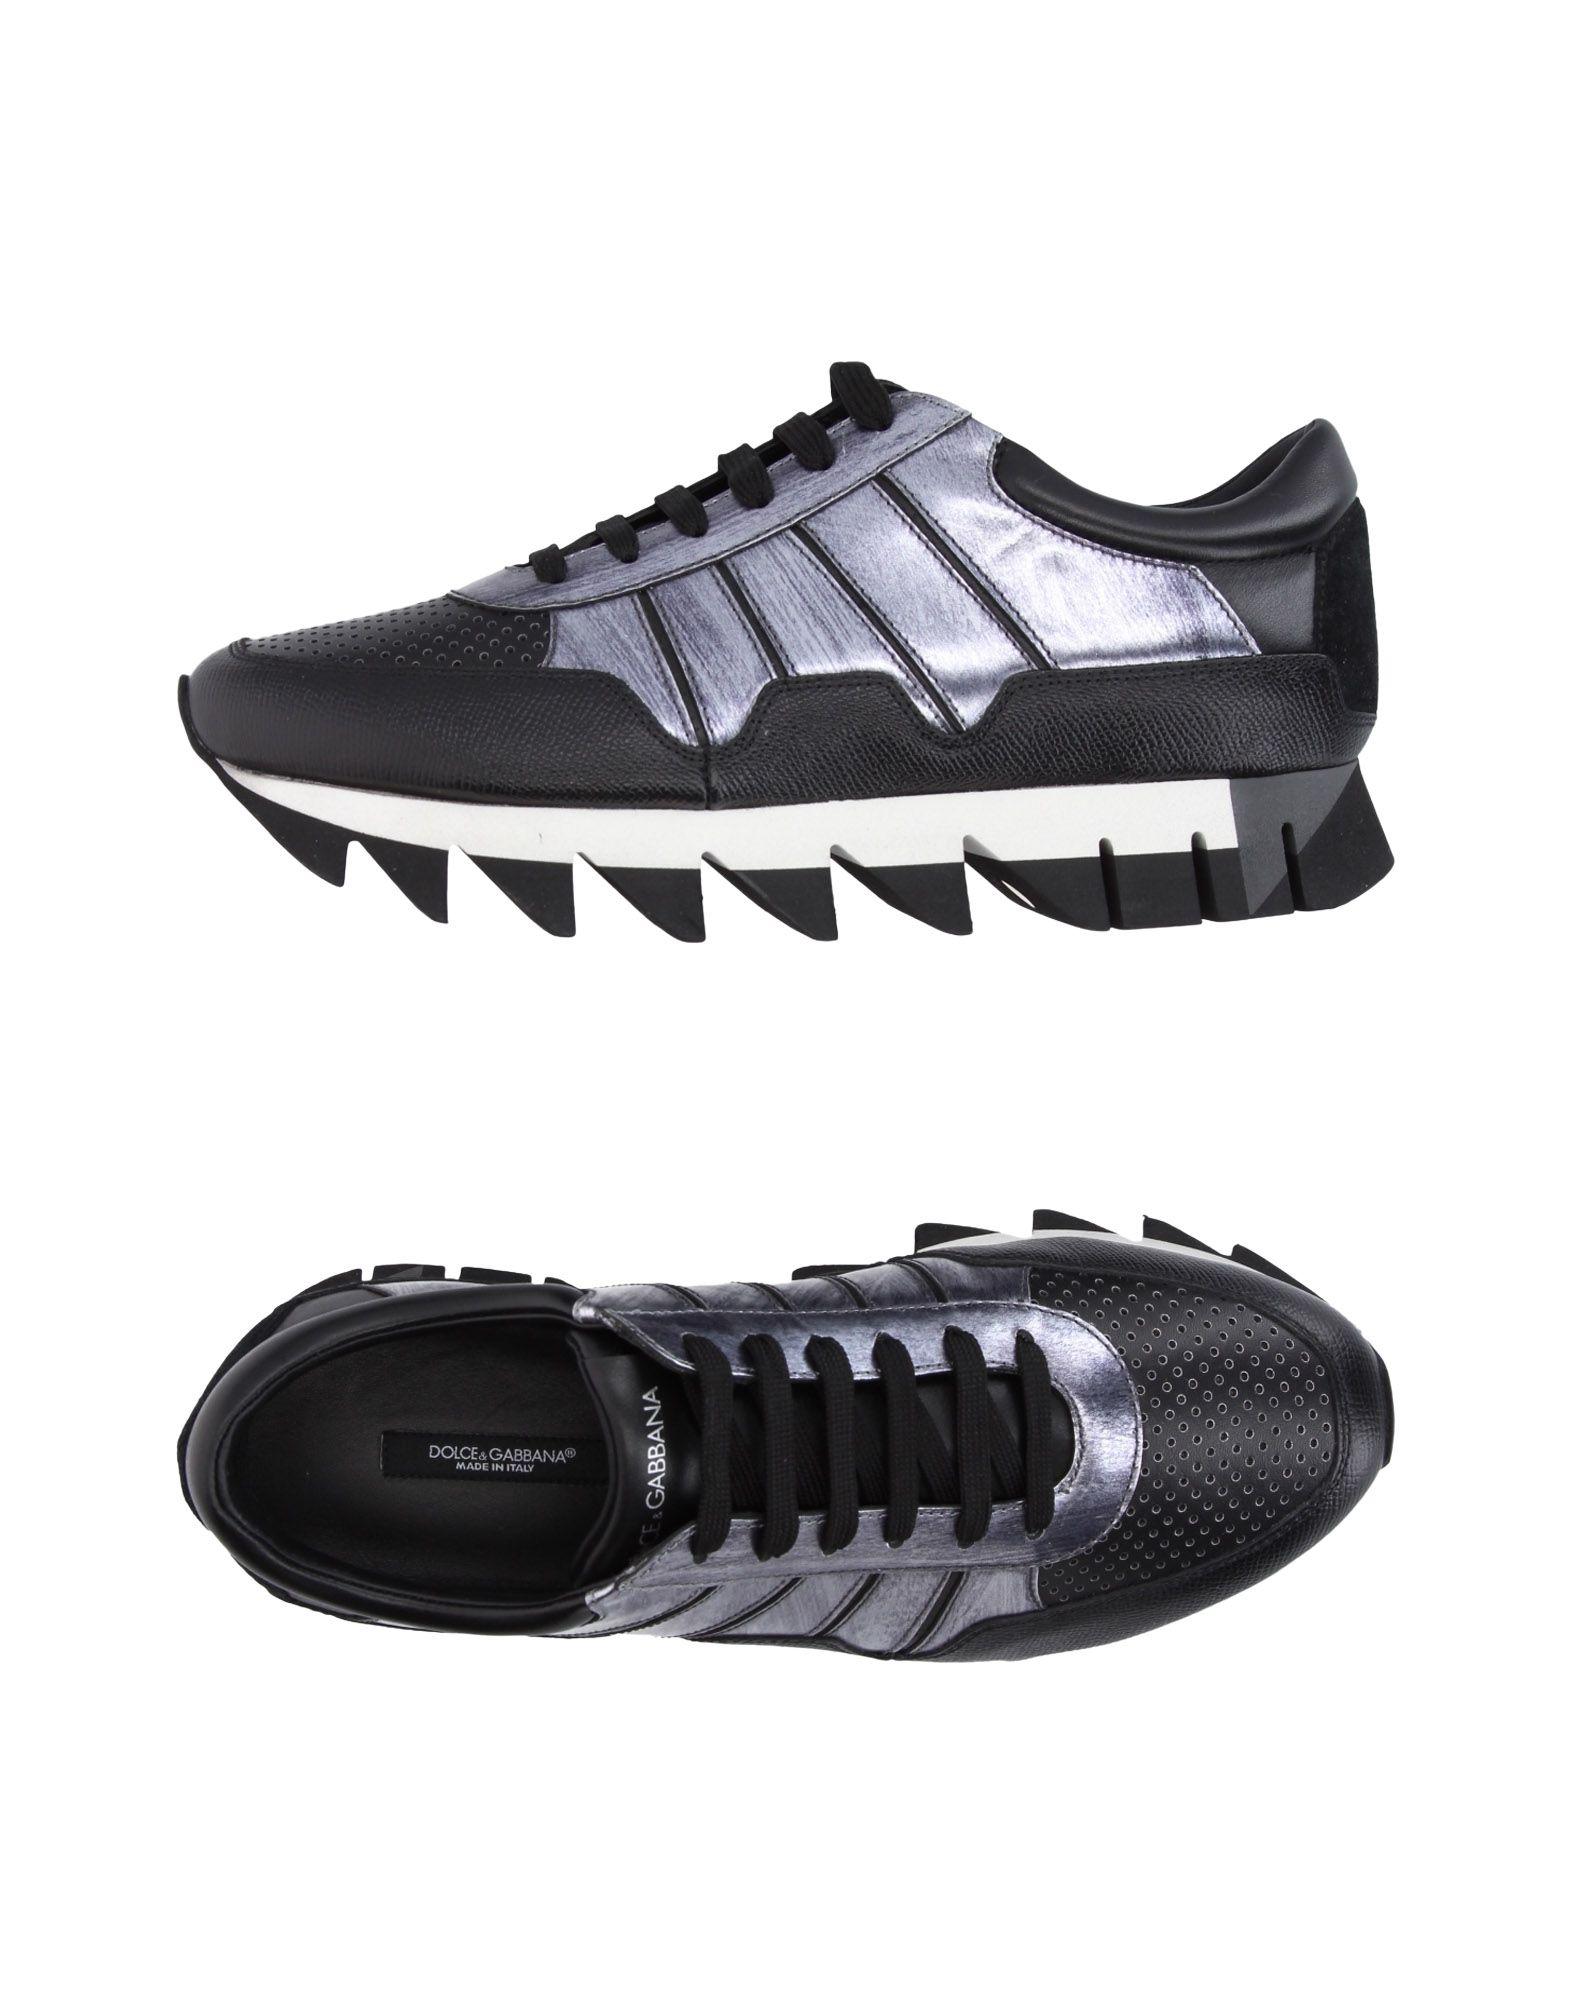 Dolce & Gabbana Sneakers Herren  11206101VF Gute Qualität beliebte Schuhe